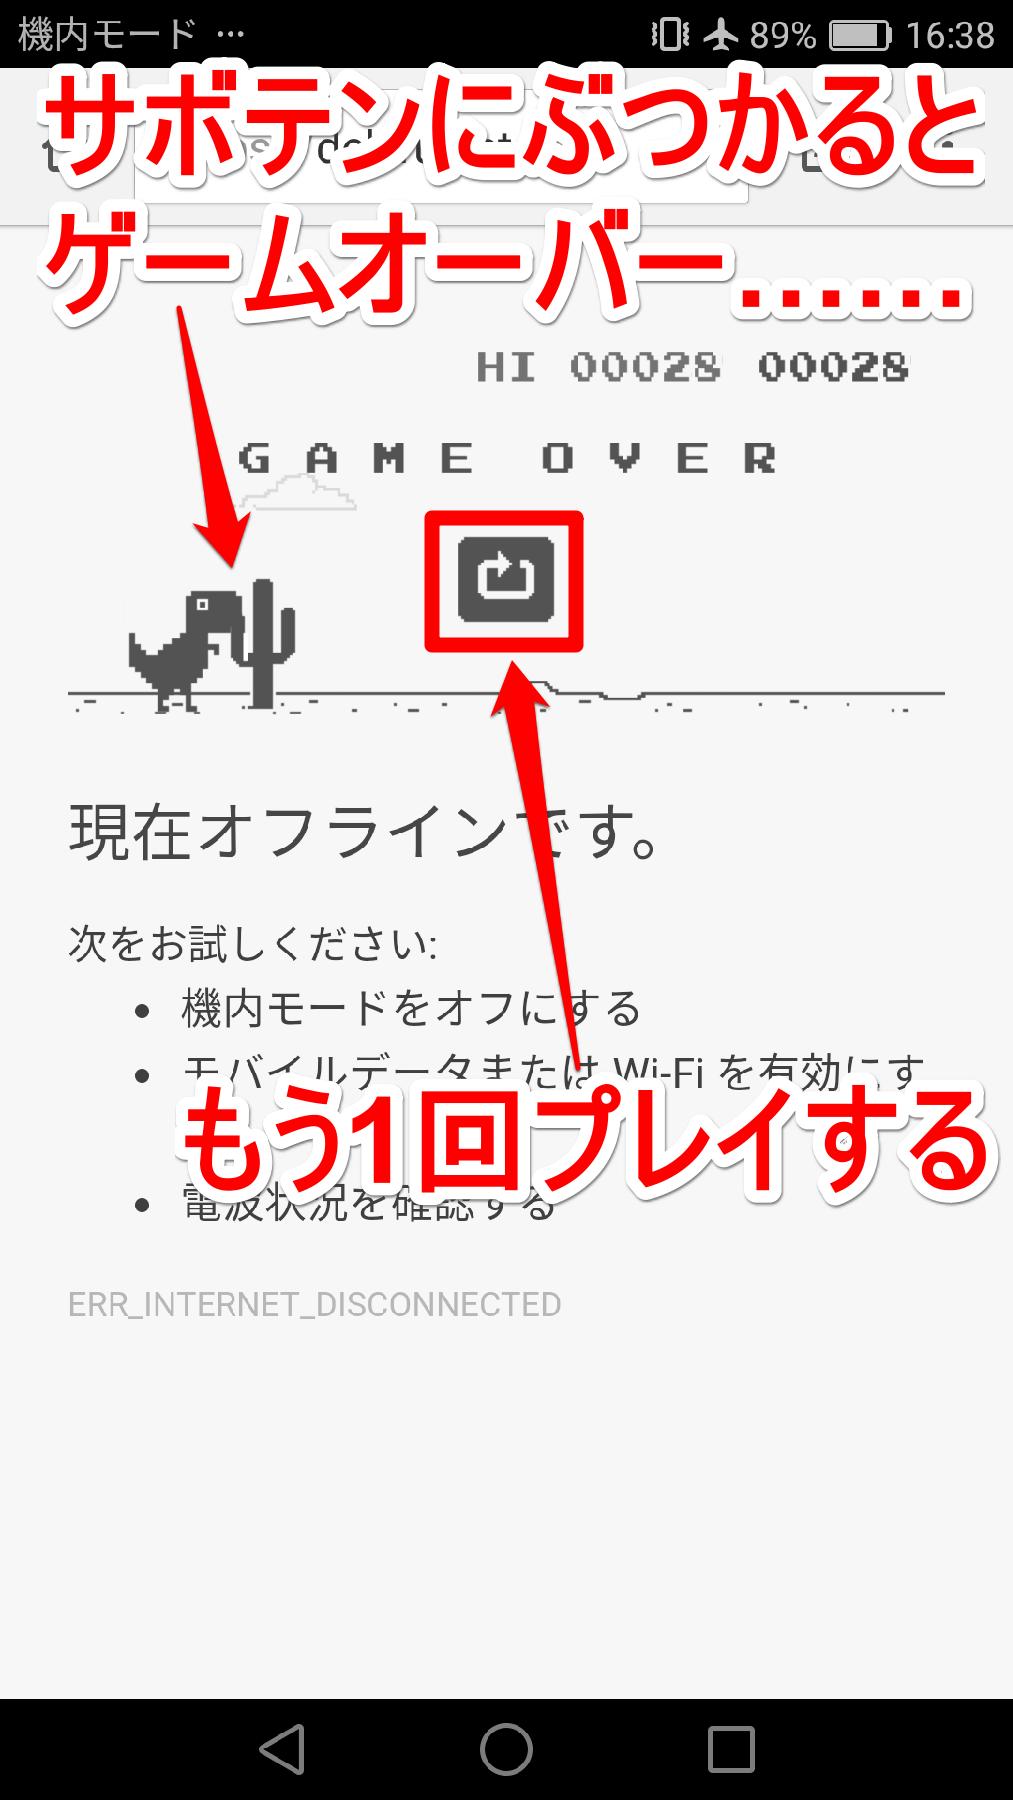 Chromeのオフラインゲームのゲームオーバー画面